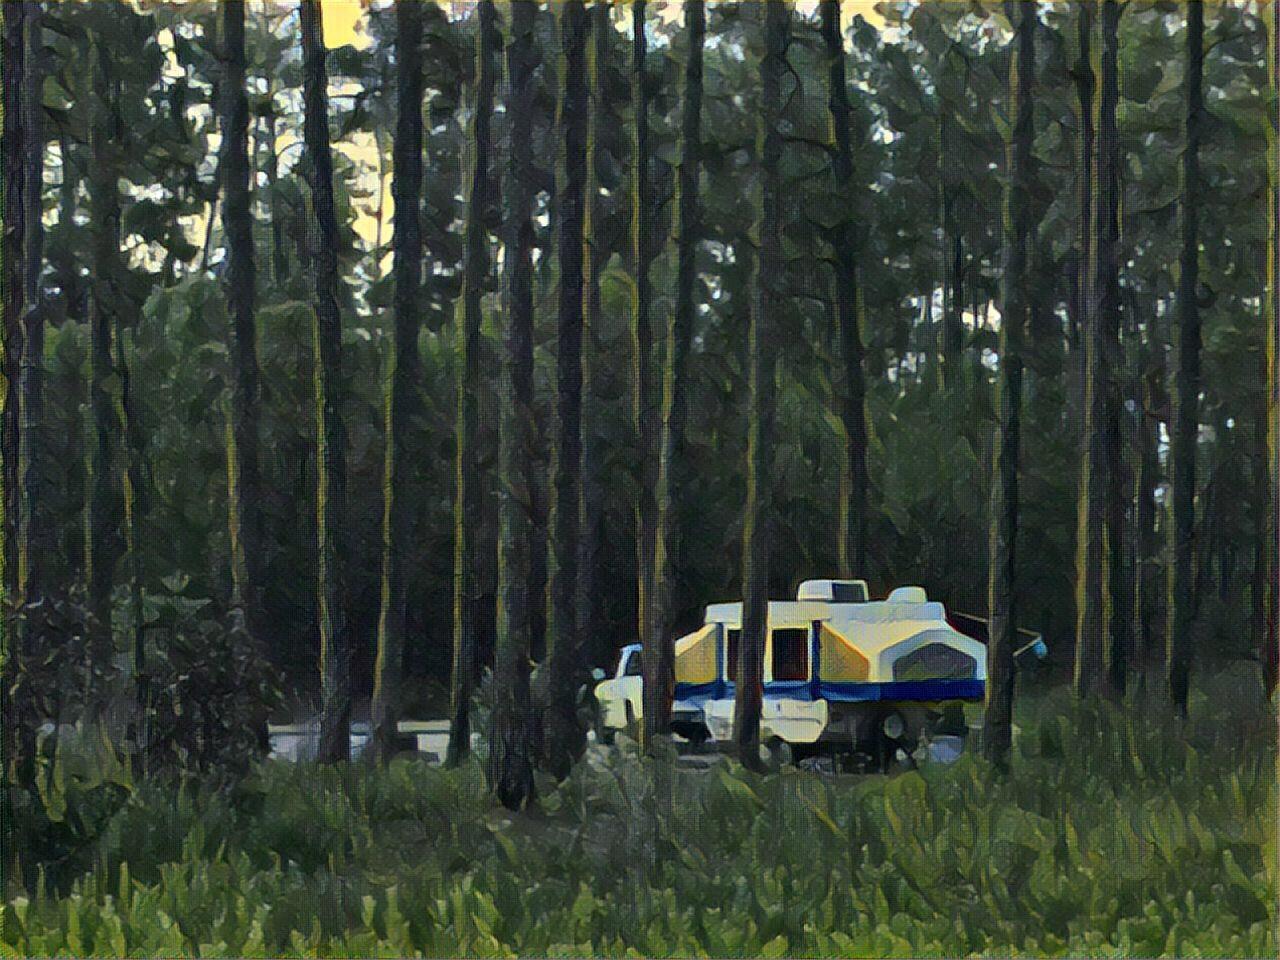 0707-camper in the woods.jpg